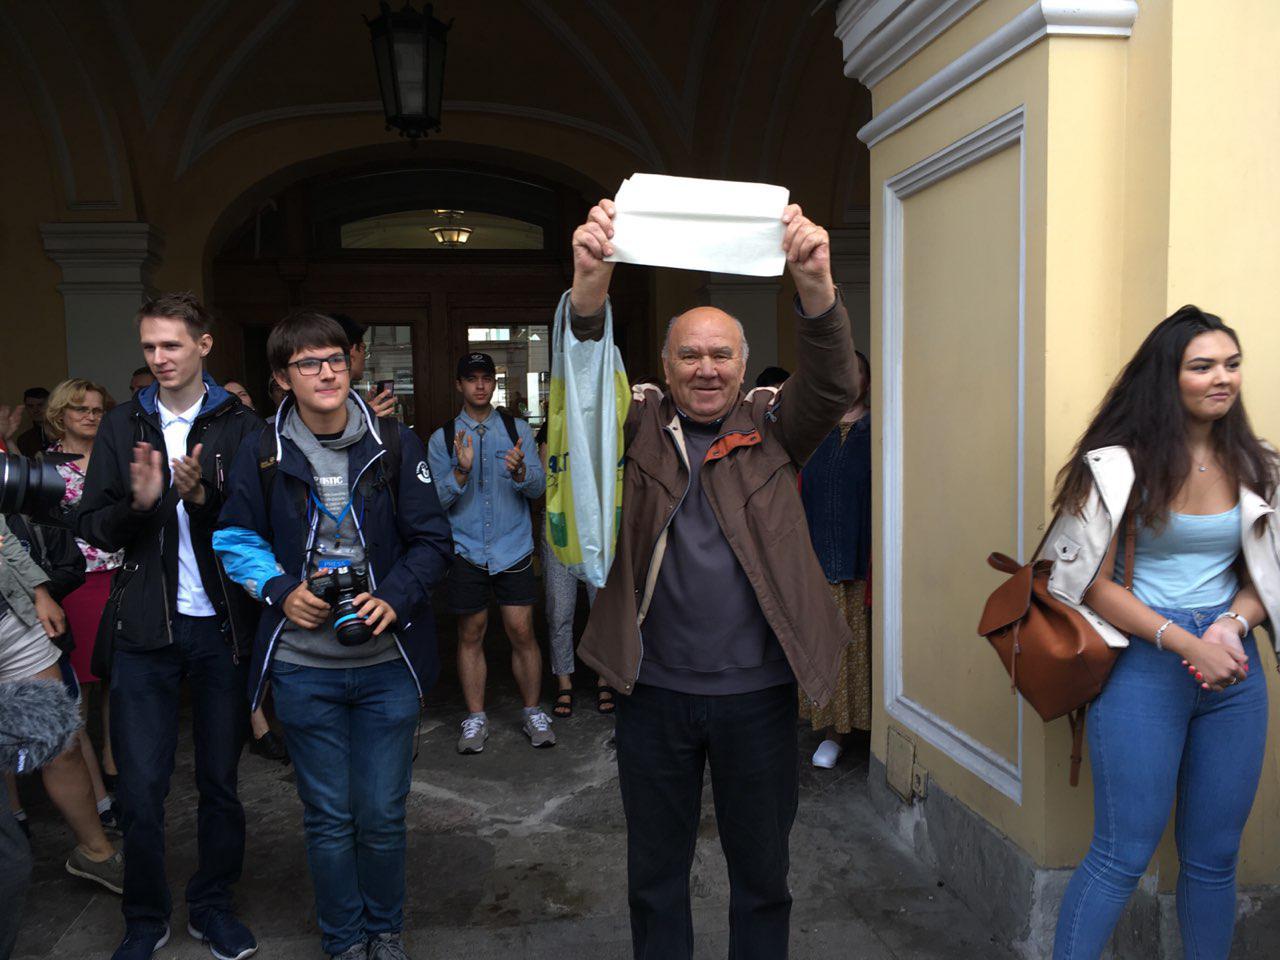 фото ЗакС политика За участие в акции за свободные выборы в Петербурге в автозаках оказались почти 80 человек